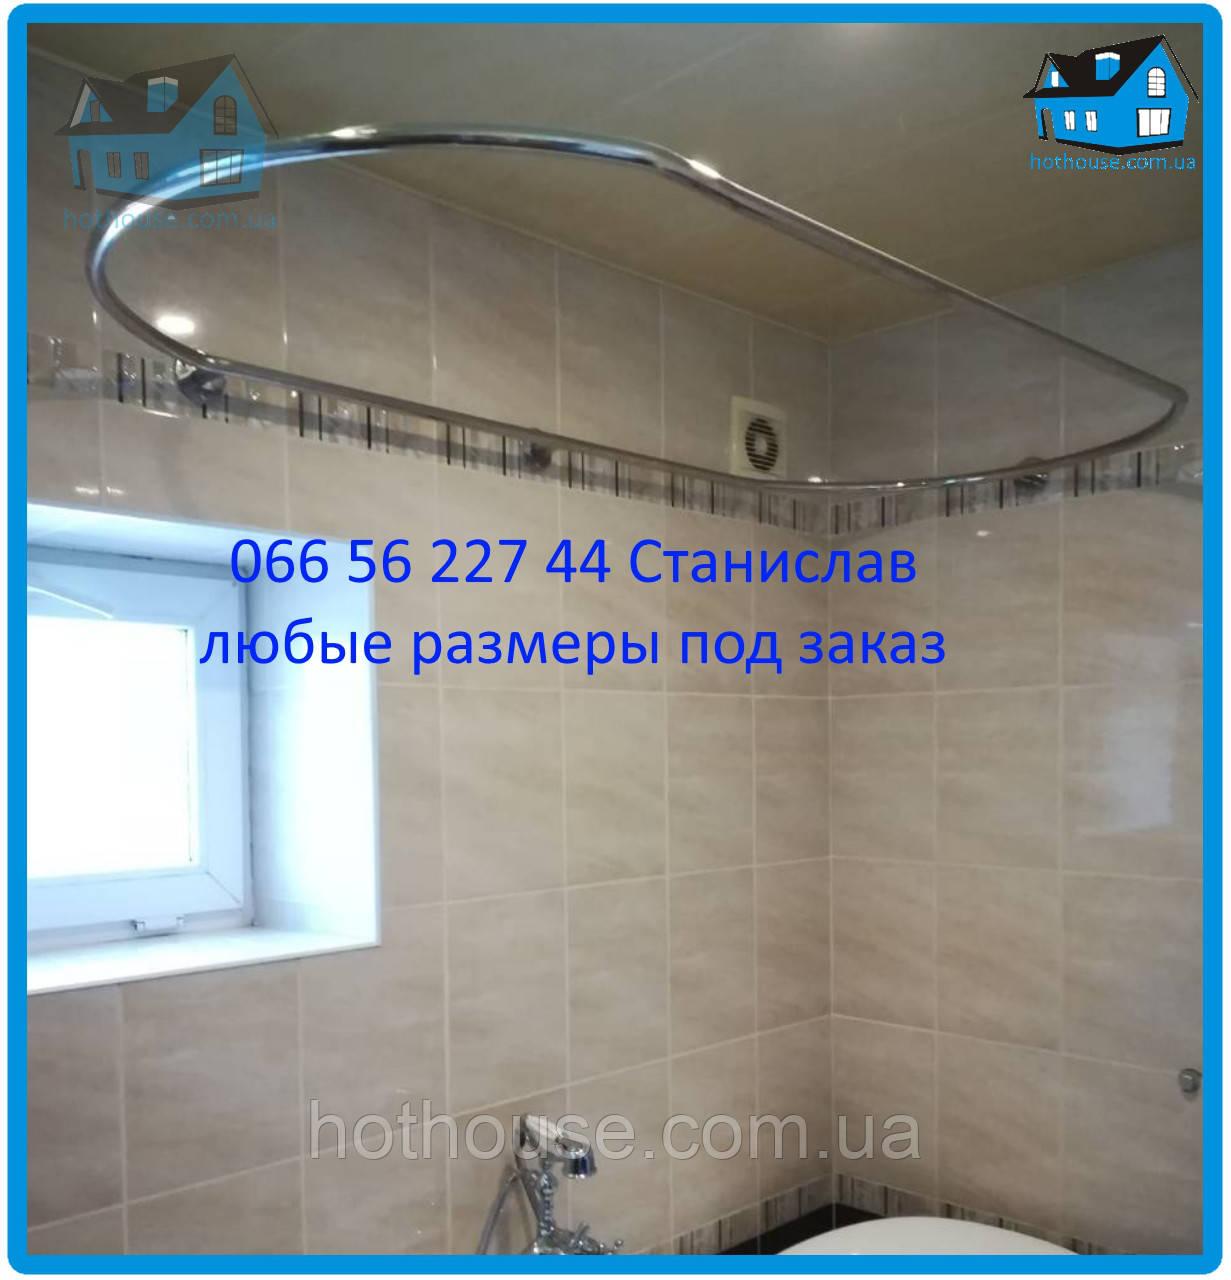 Карниз в ванную индивидуальный нержавеющая сталь N3